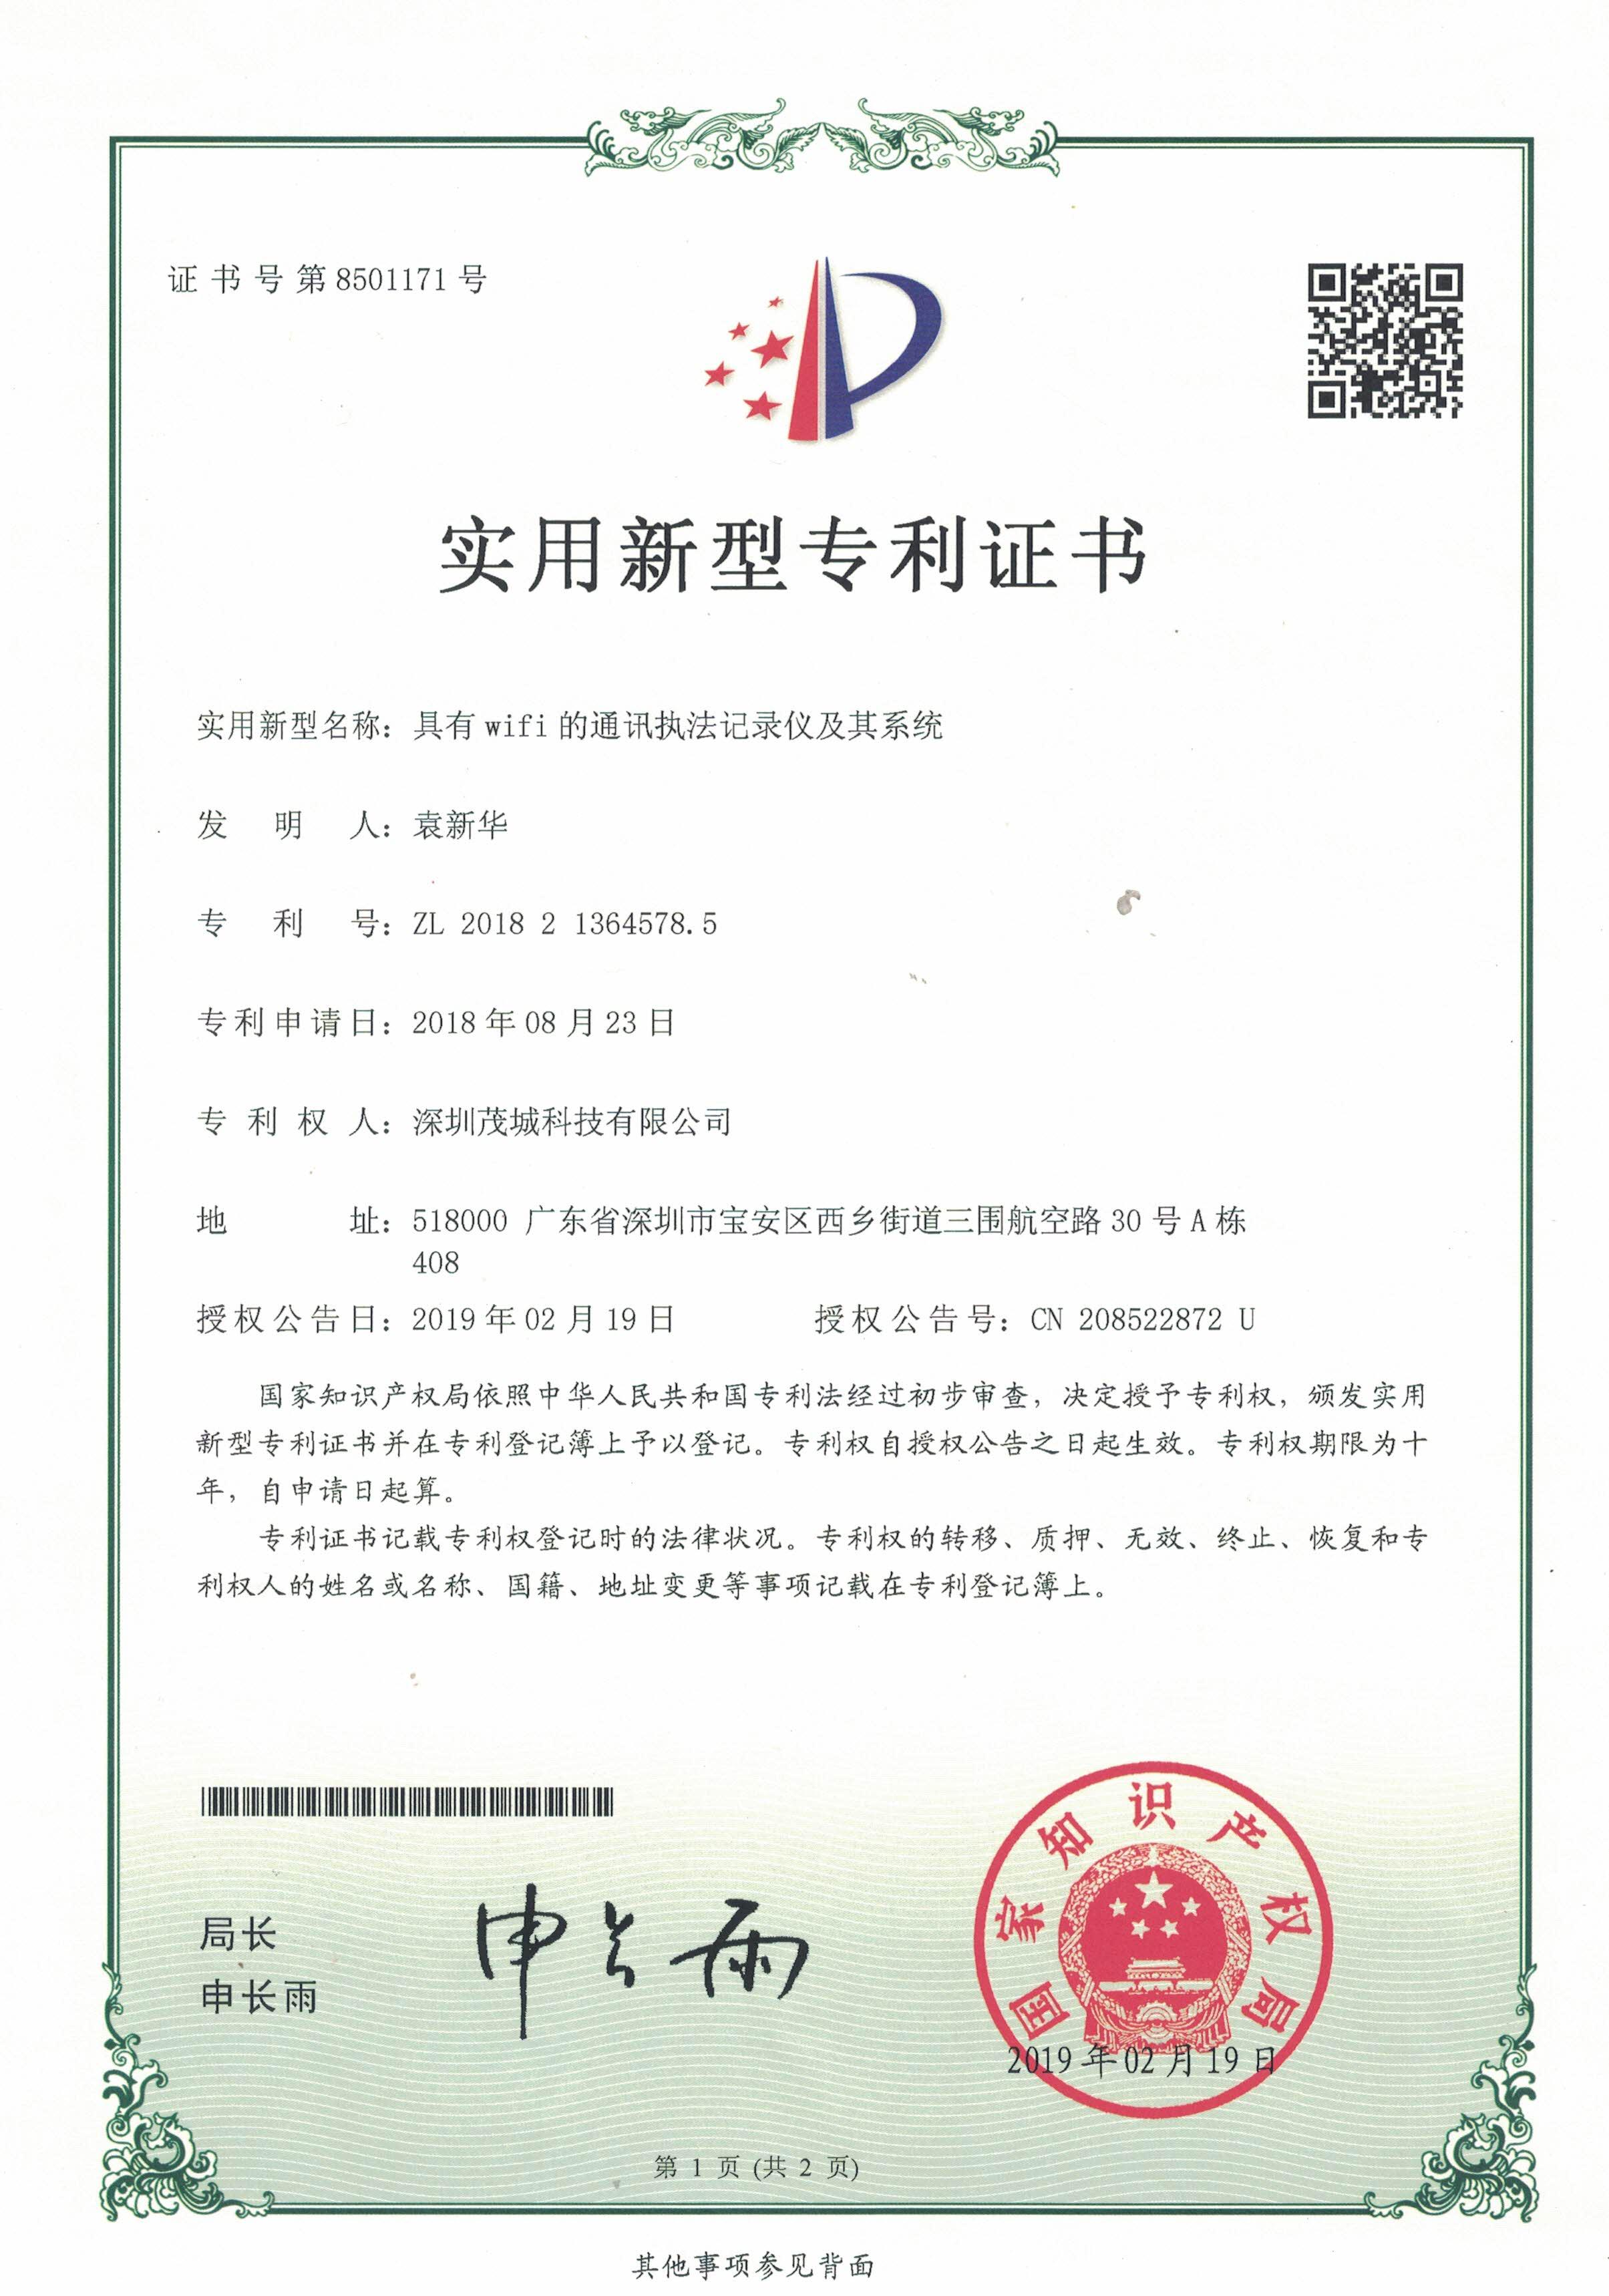 WiFi Body Camera Certificate of Patent